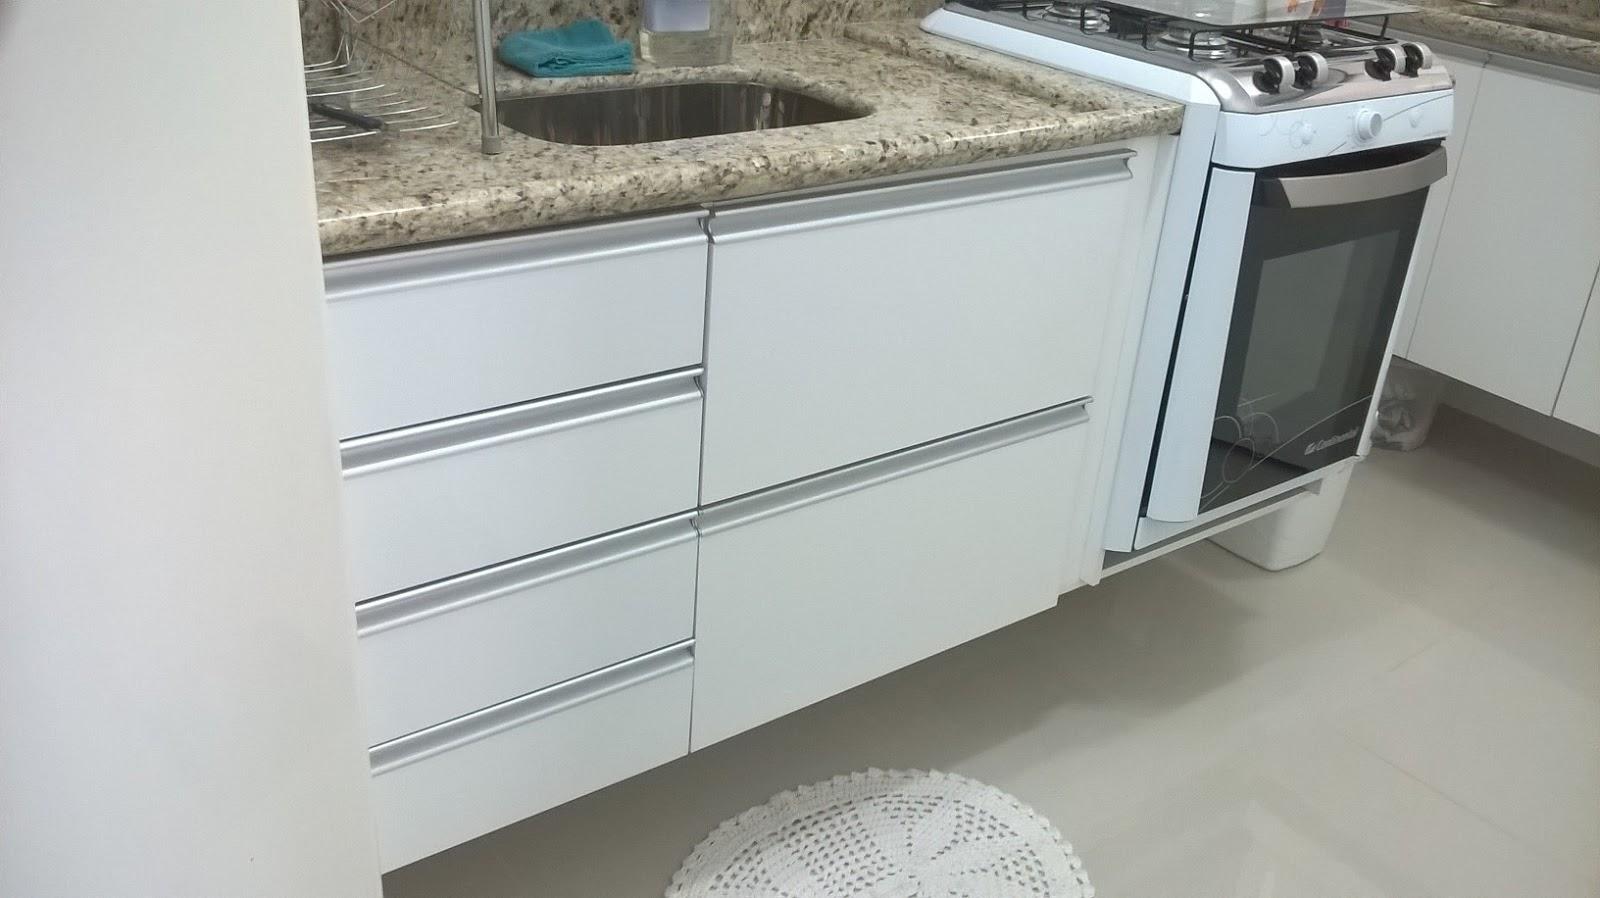 Rimo Modulados ~ Cozinha Antes e Depois Fabricante Rimo Papo de móveis